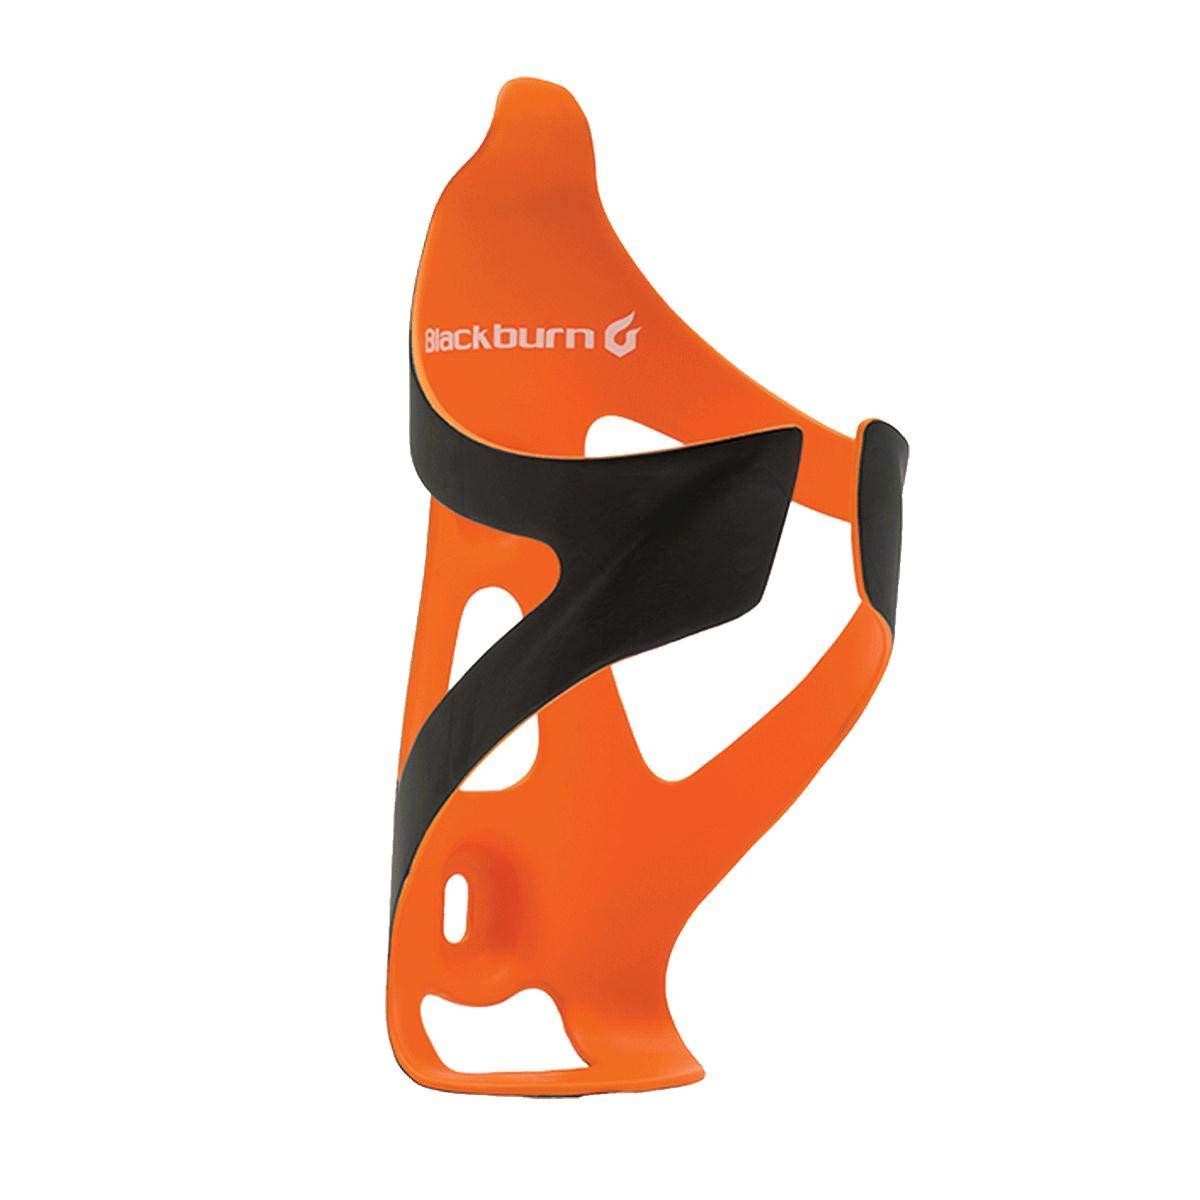 Blackburn Carbon UD Bottle Cage - Matte Orange by Blackburn